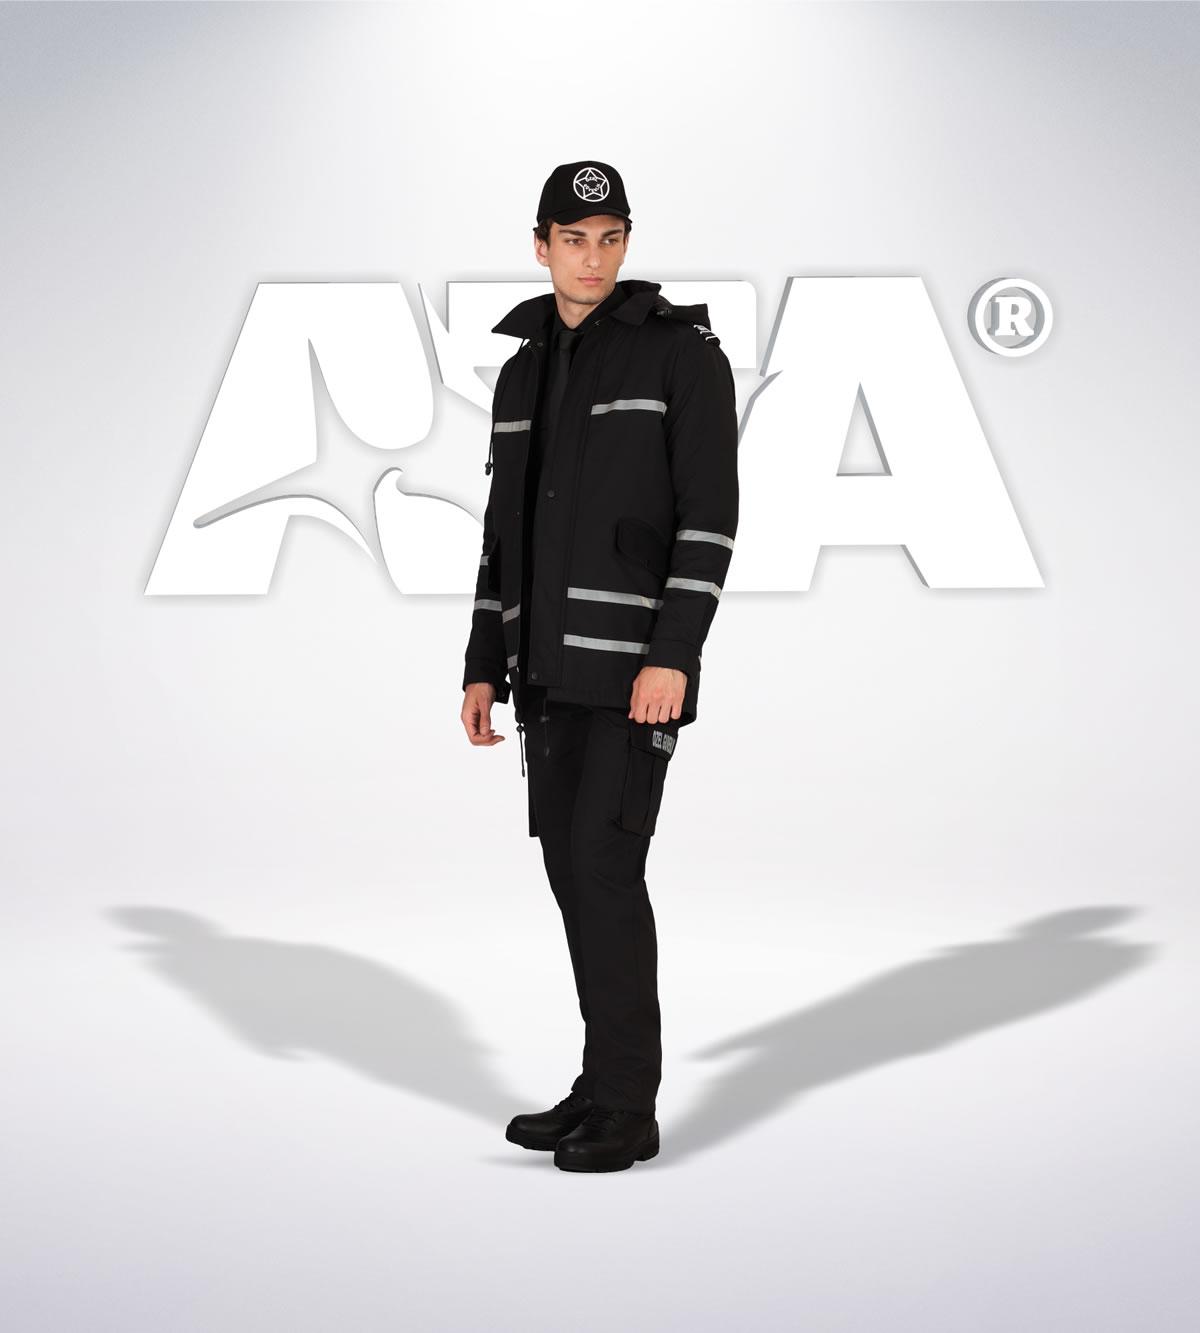 ATA 159 - ön - Pantolon ribstop - mont - aksesuar reflektör - güvenlik elbiseleri | güvenlik üniformaları | güvenlik kıyafetleri